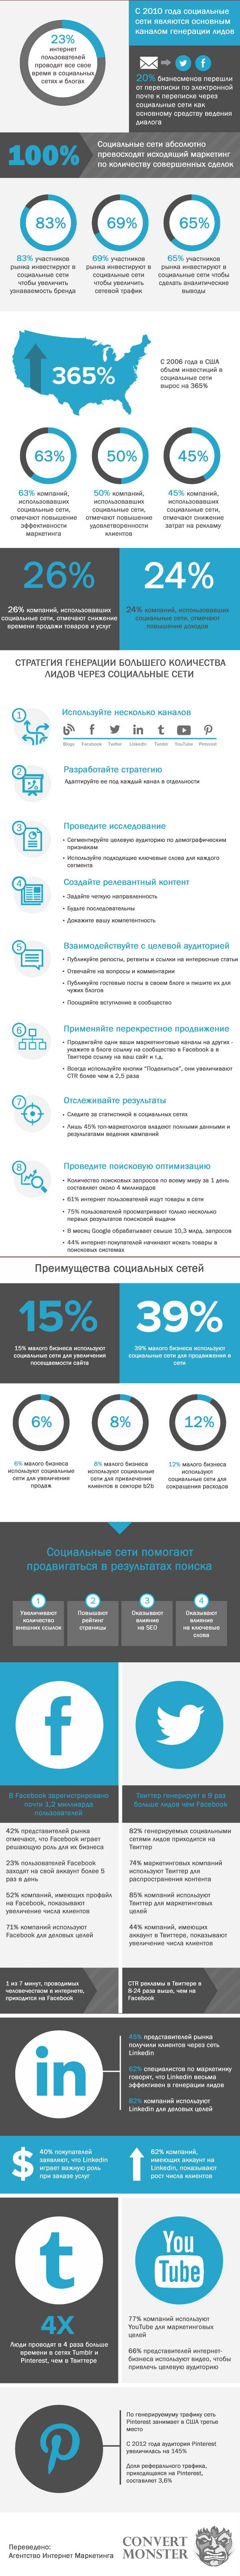 Почему нужно продвигаться в социальных сетях (инфографика)